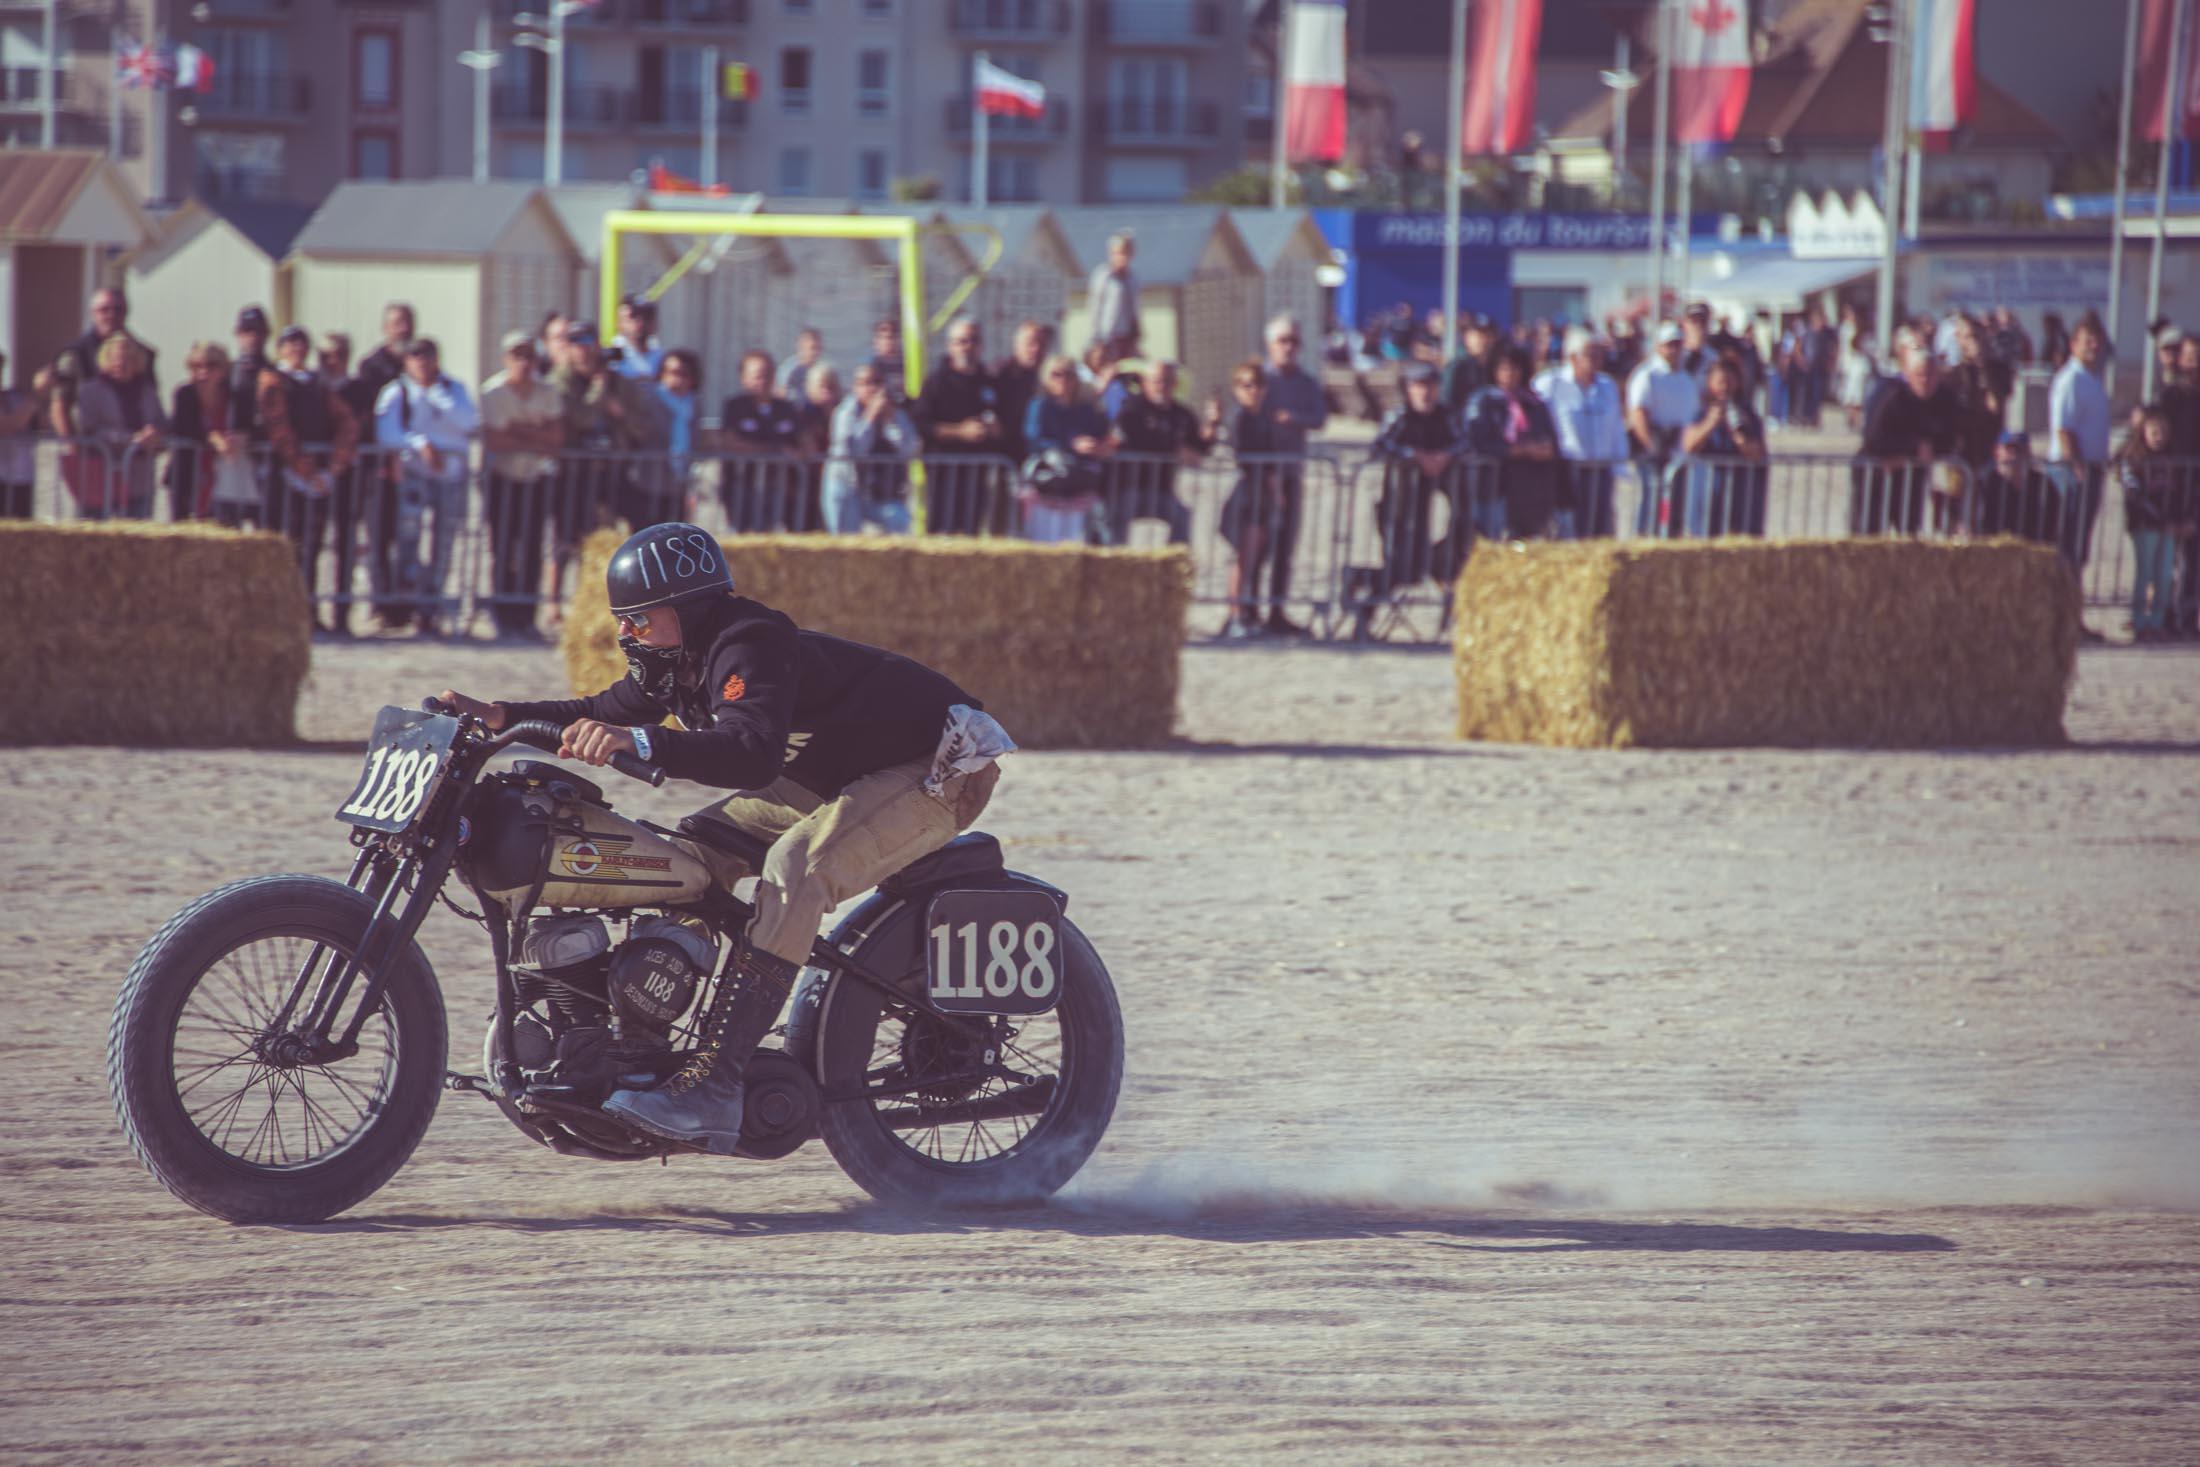 Course de voiture moto Rod et de motos Harley Davidson avant 1947. Course sur sable sur la plage de Ouistreham (Normandy Beach Race), photographe Laurent Scavone